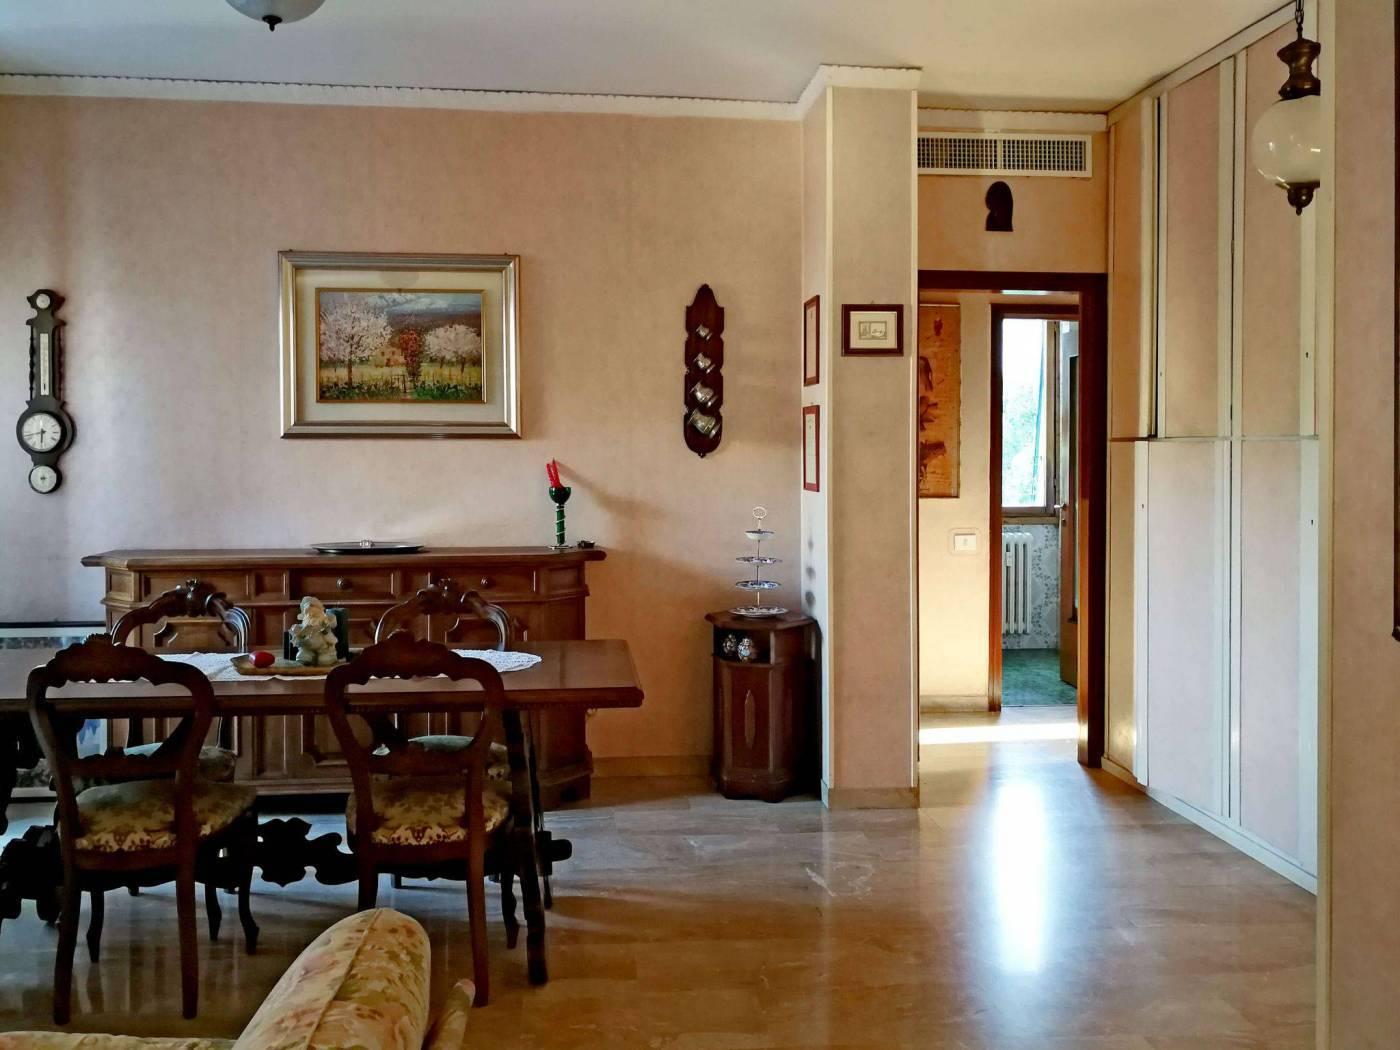 appartamento-in-vendita-milano-baggio-san-siro-forze-armate-quadrilocale-4-locali-quattro-spaziourbano-immobiliare-vende-2